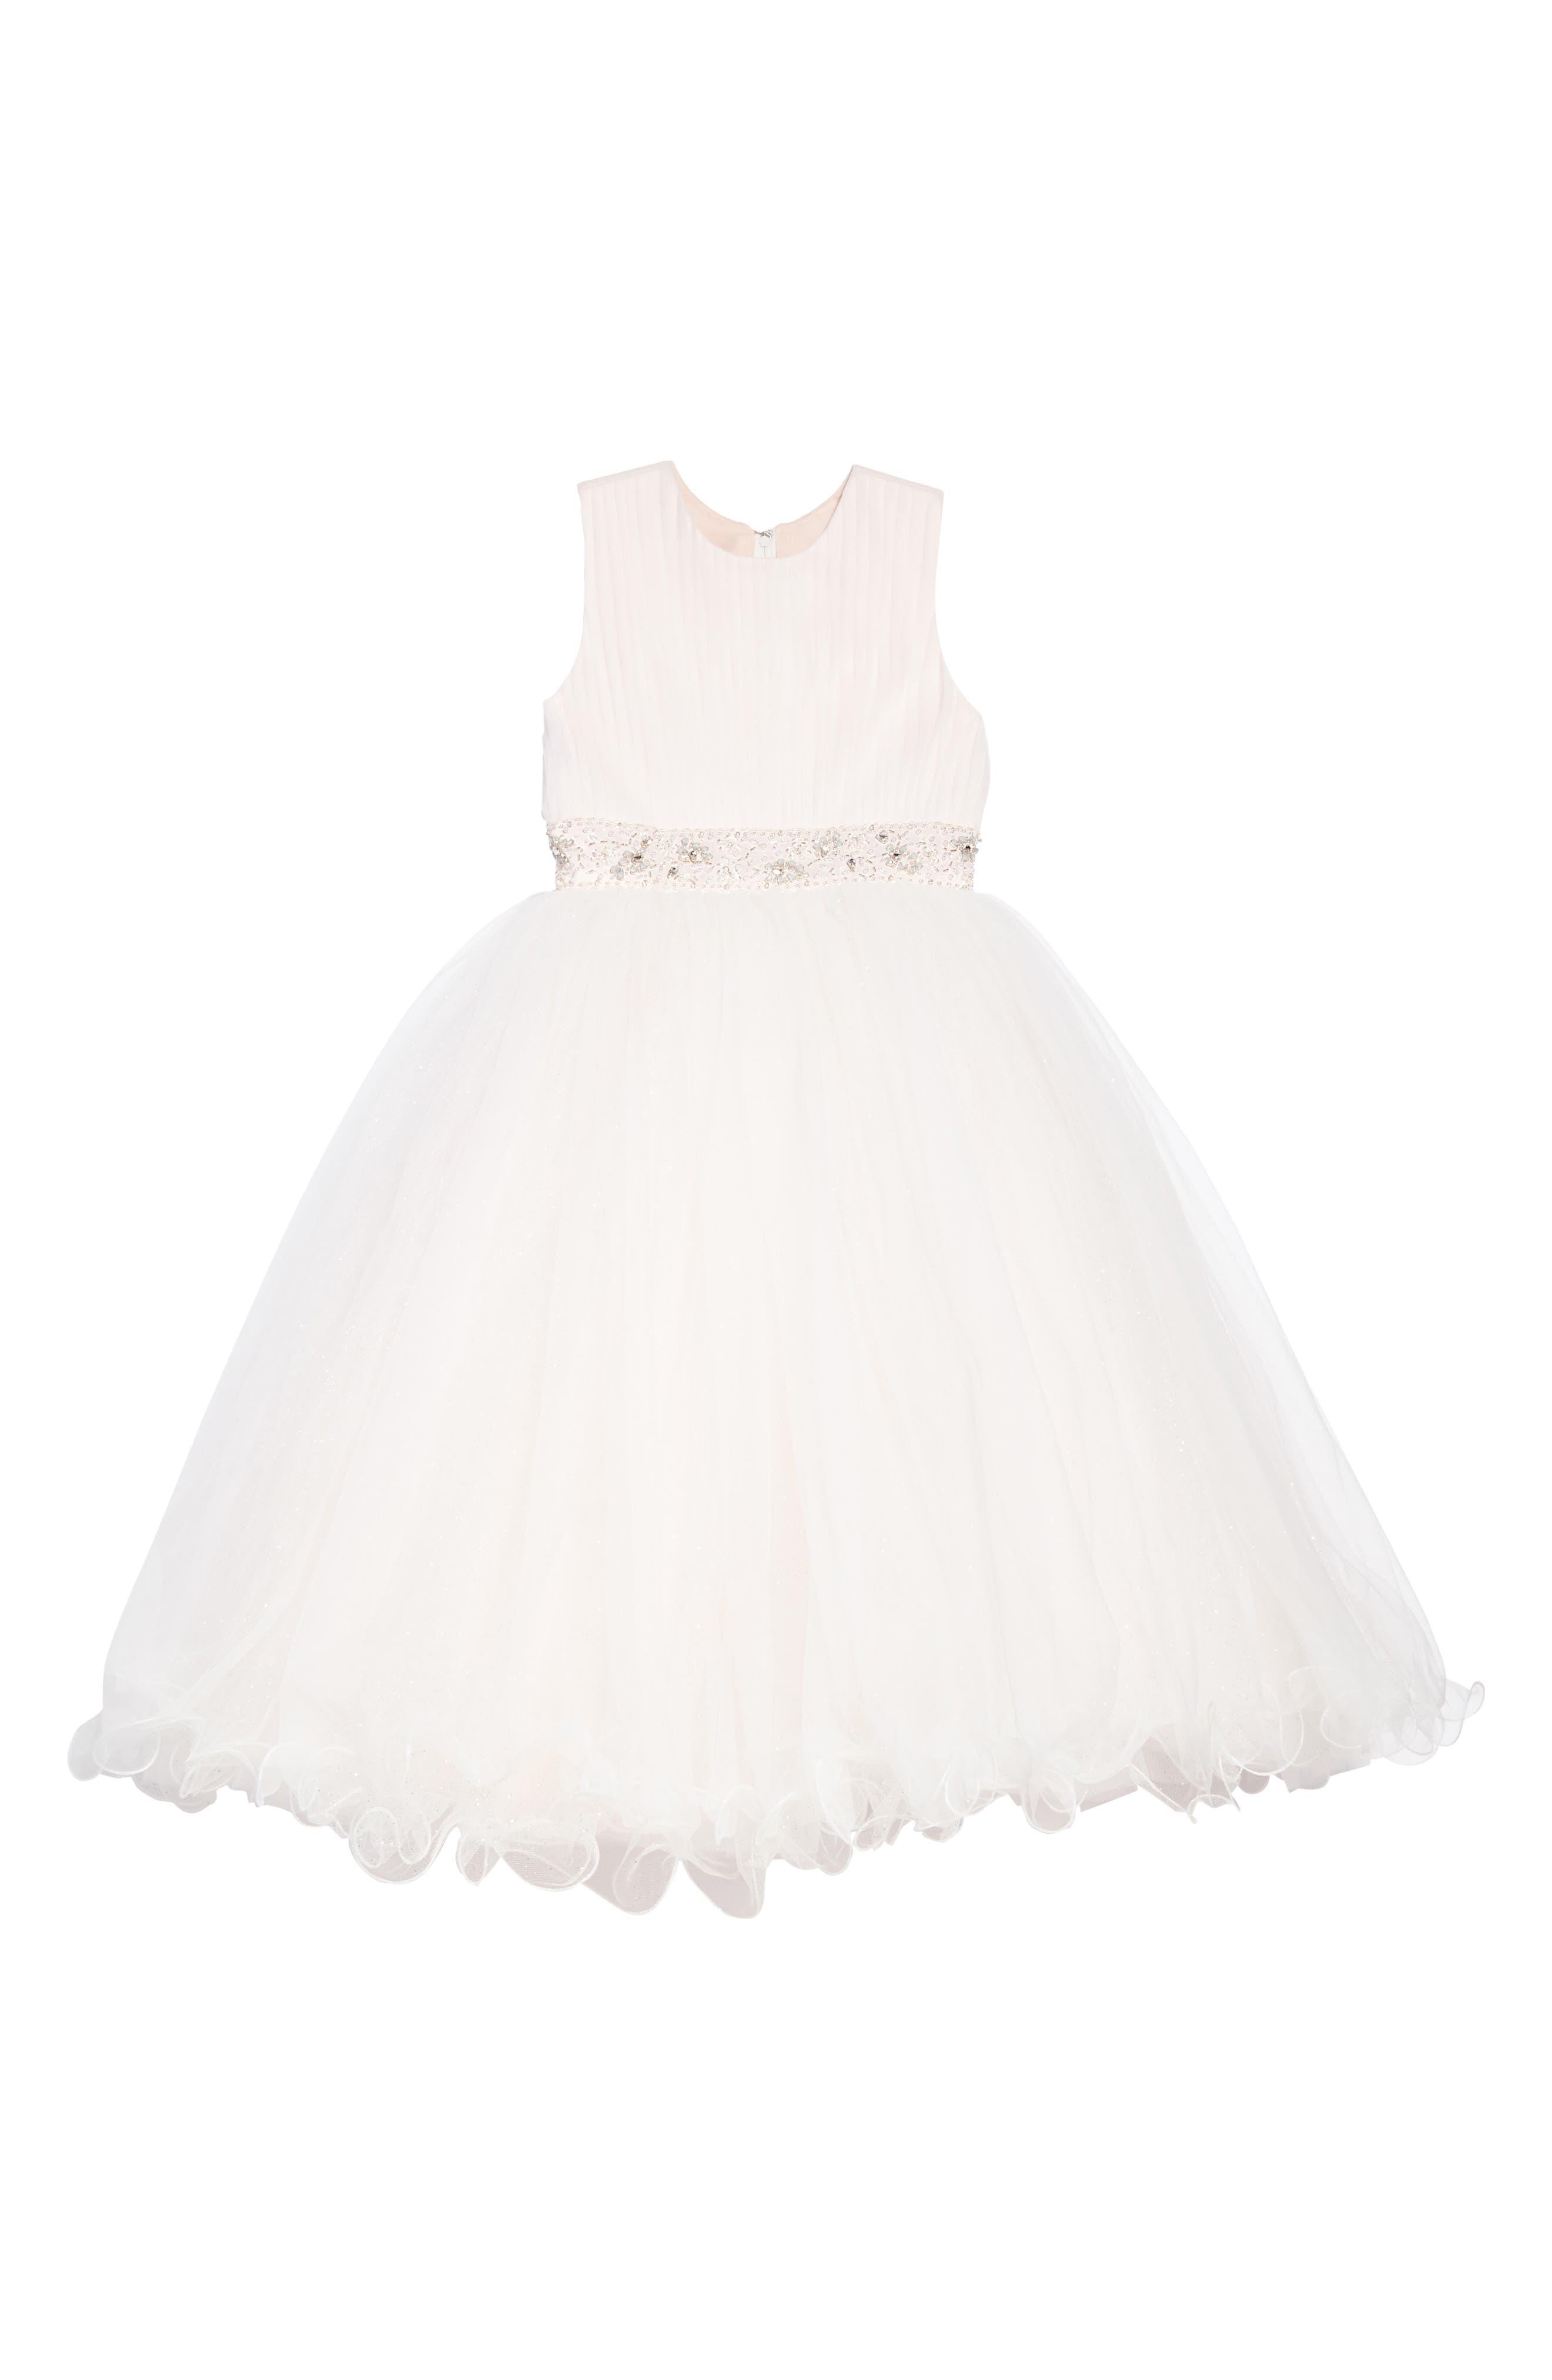 Joan Calabrese for Mon Cheri Beaded Satin & Tulle First Communion Dress (Toddler Girls, Little Girls & Big Girls)